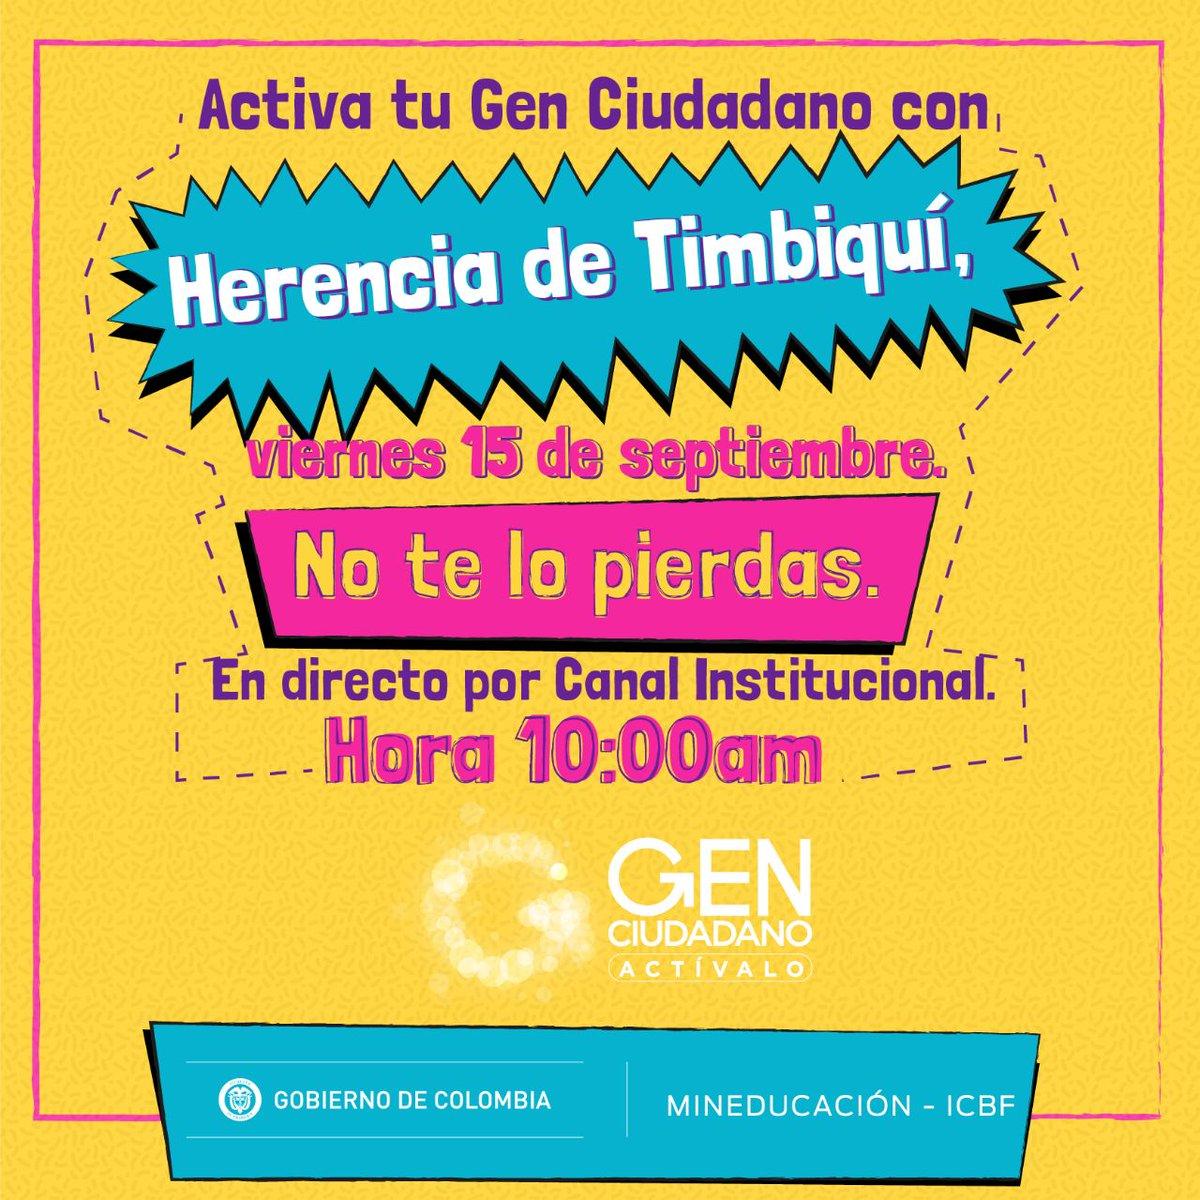 a12779825f todo colombia activara el gen ciudadano sigue la transmision en directo por  nuestro facebook live